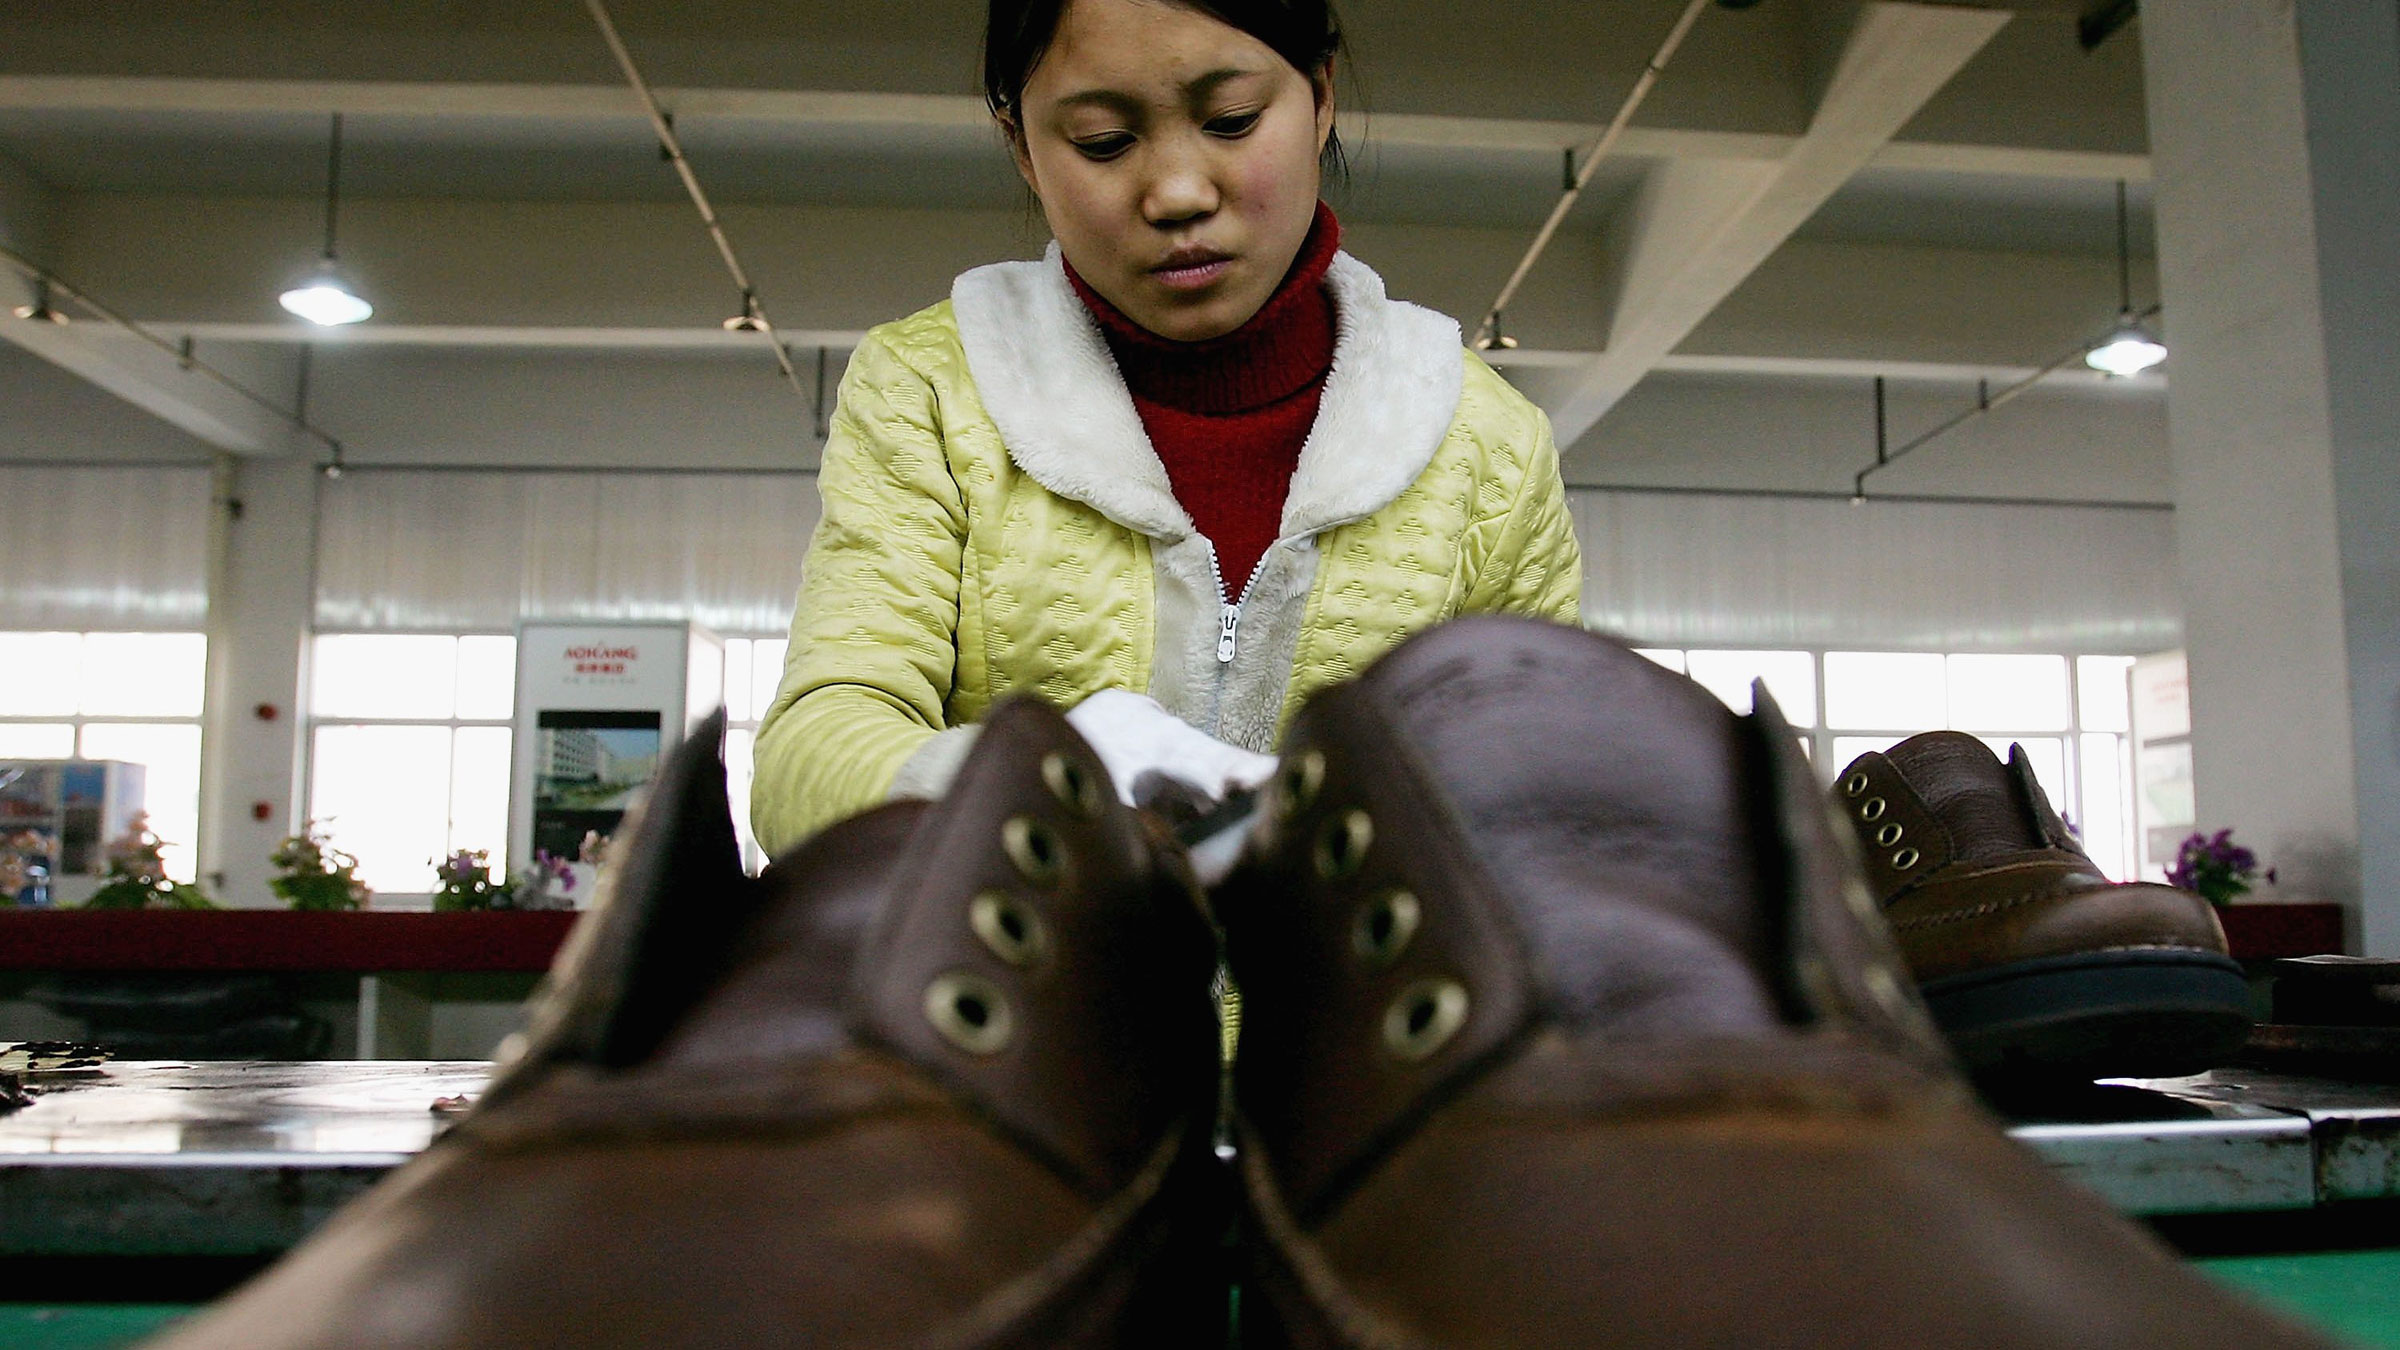 Shoe Factory China 9272012